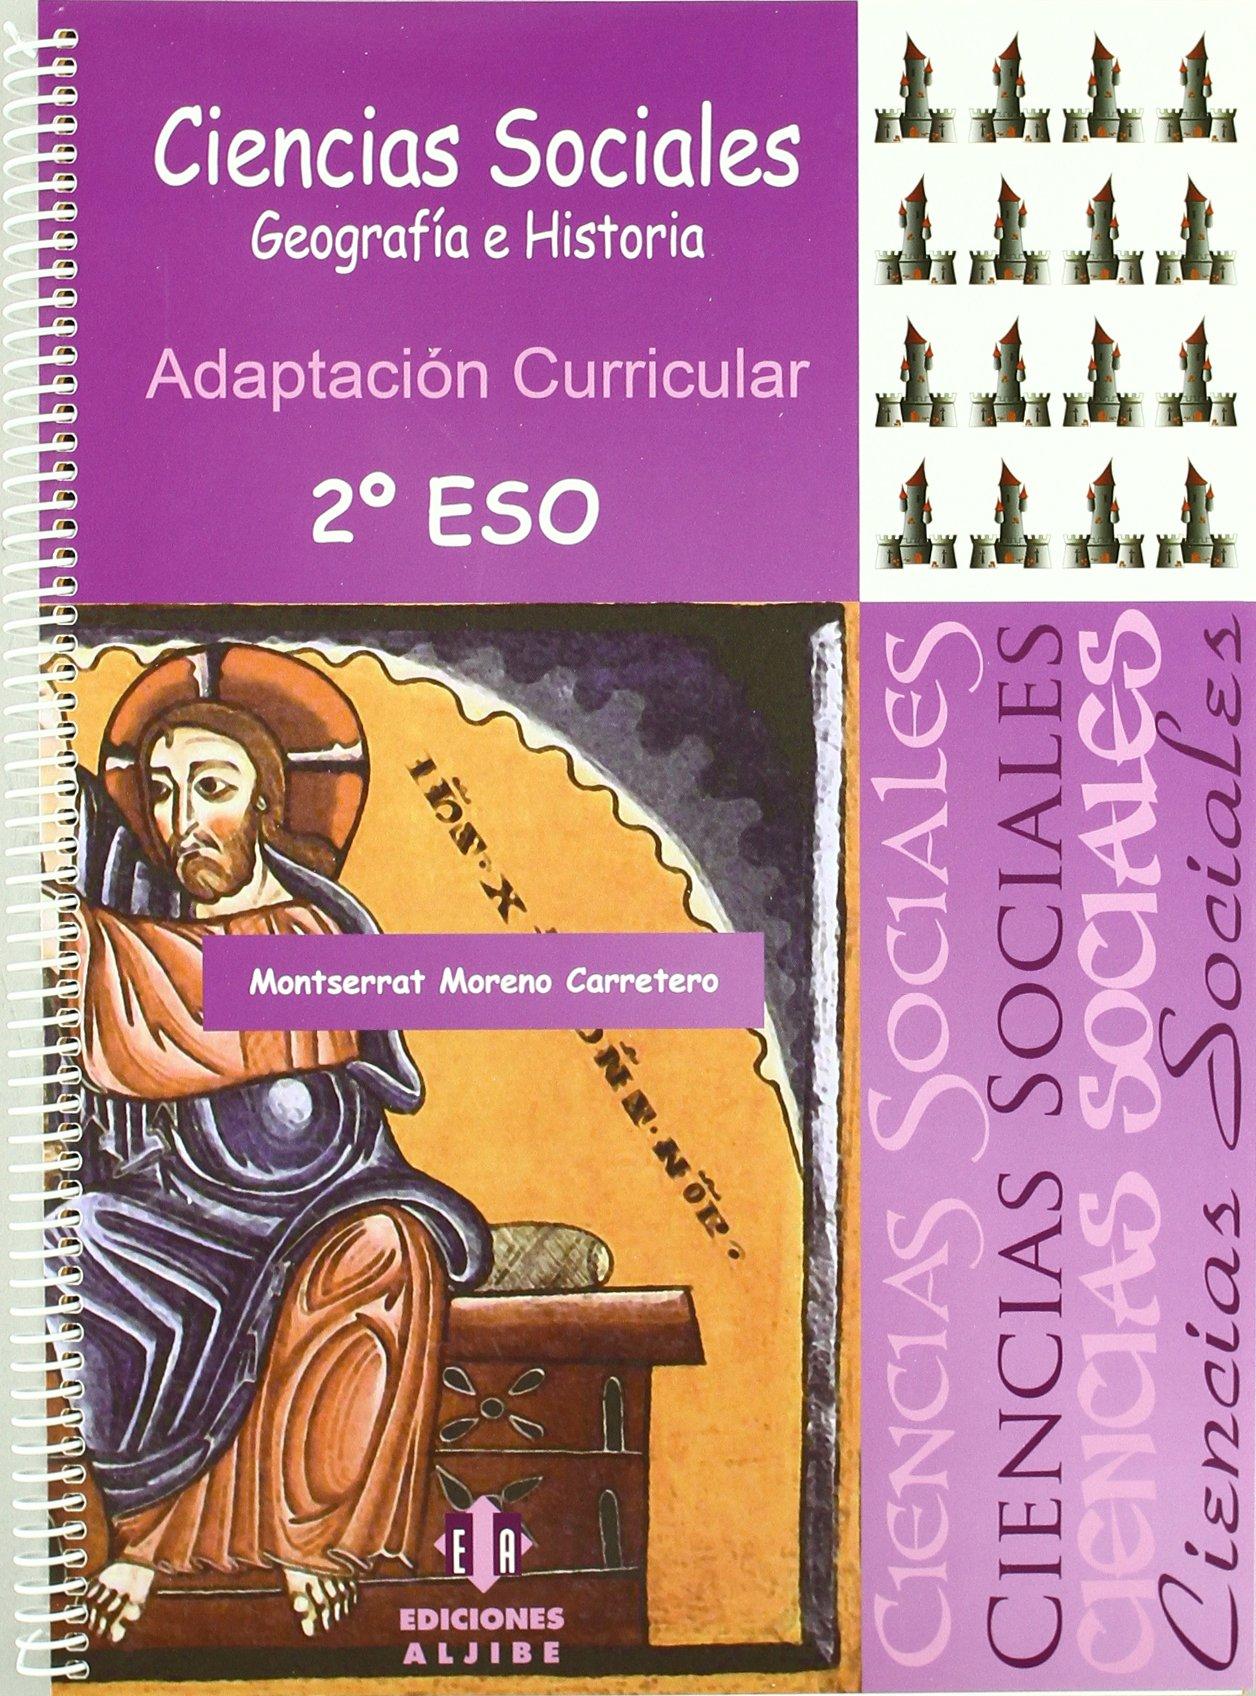 adaptación-curricular-ciencias-sociales-geografia-historia-2-eso-secundaria-montserrat-moreno-carretero